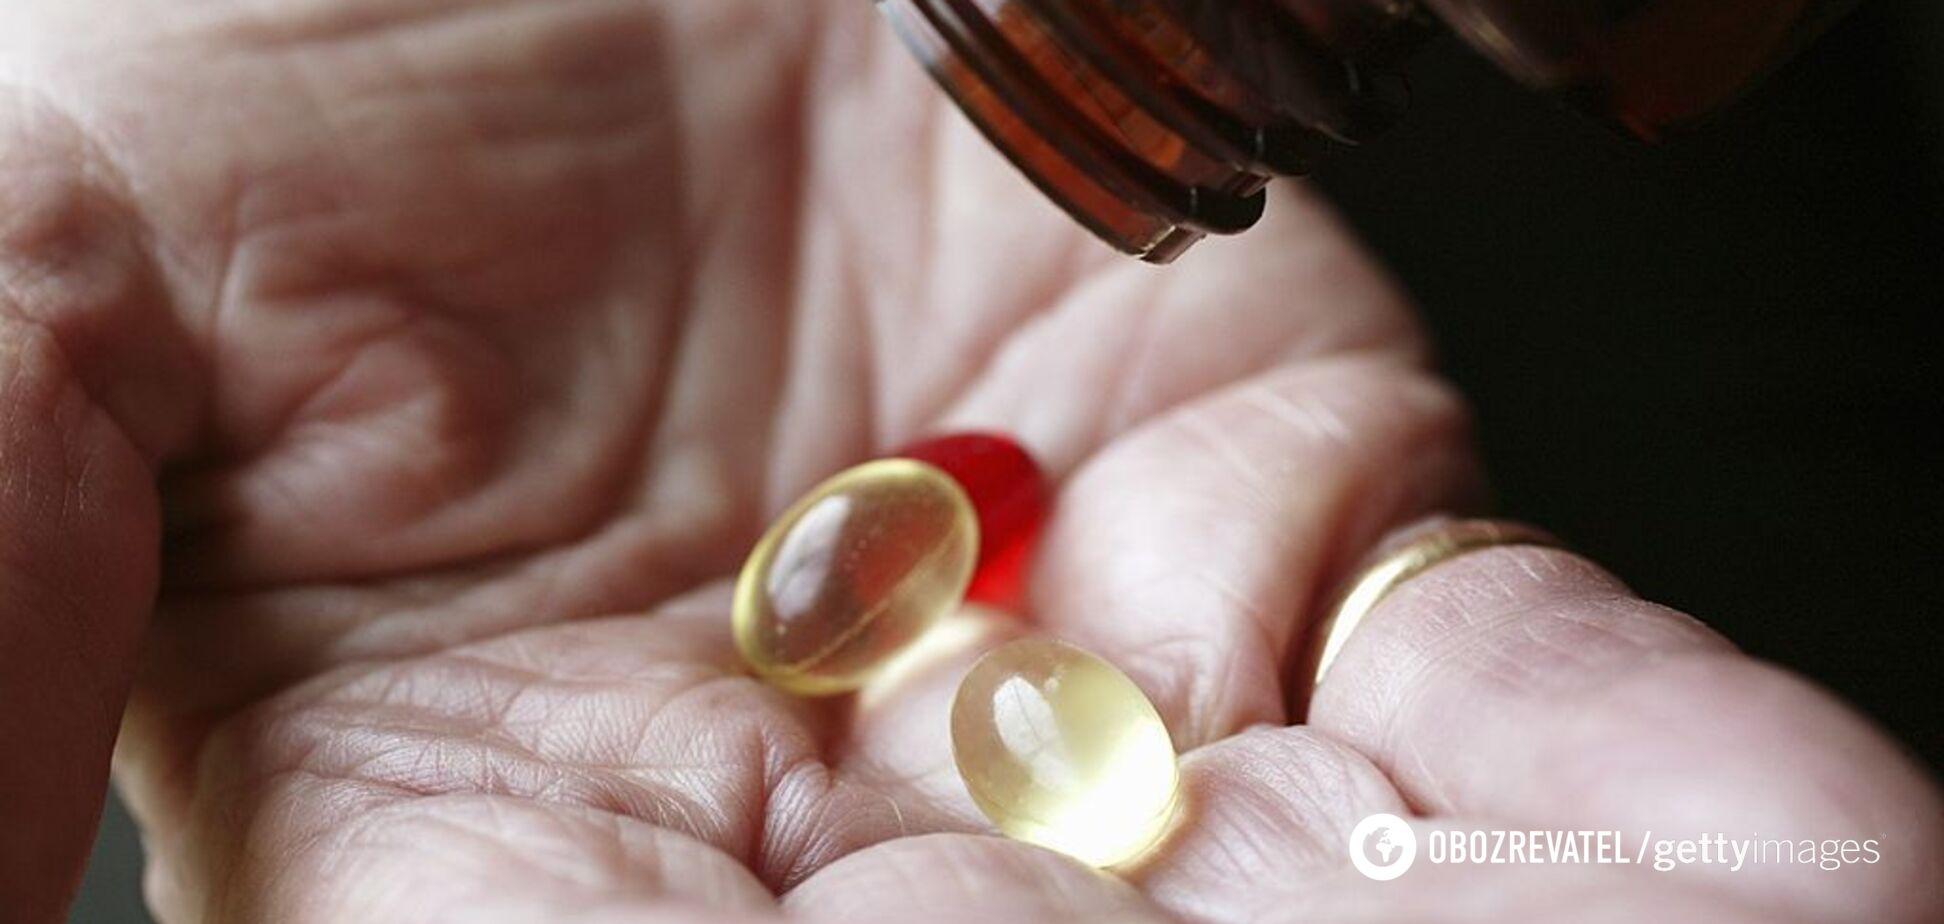 Супрун развеяла мифы про витаминные добавки и БАДы